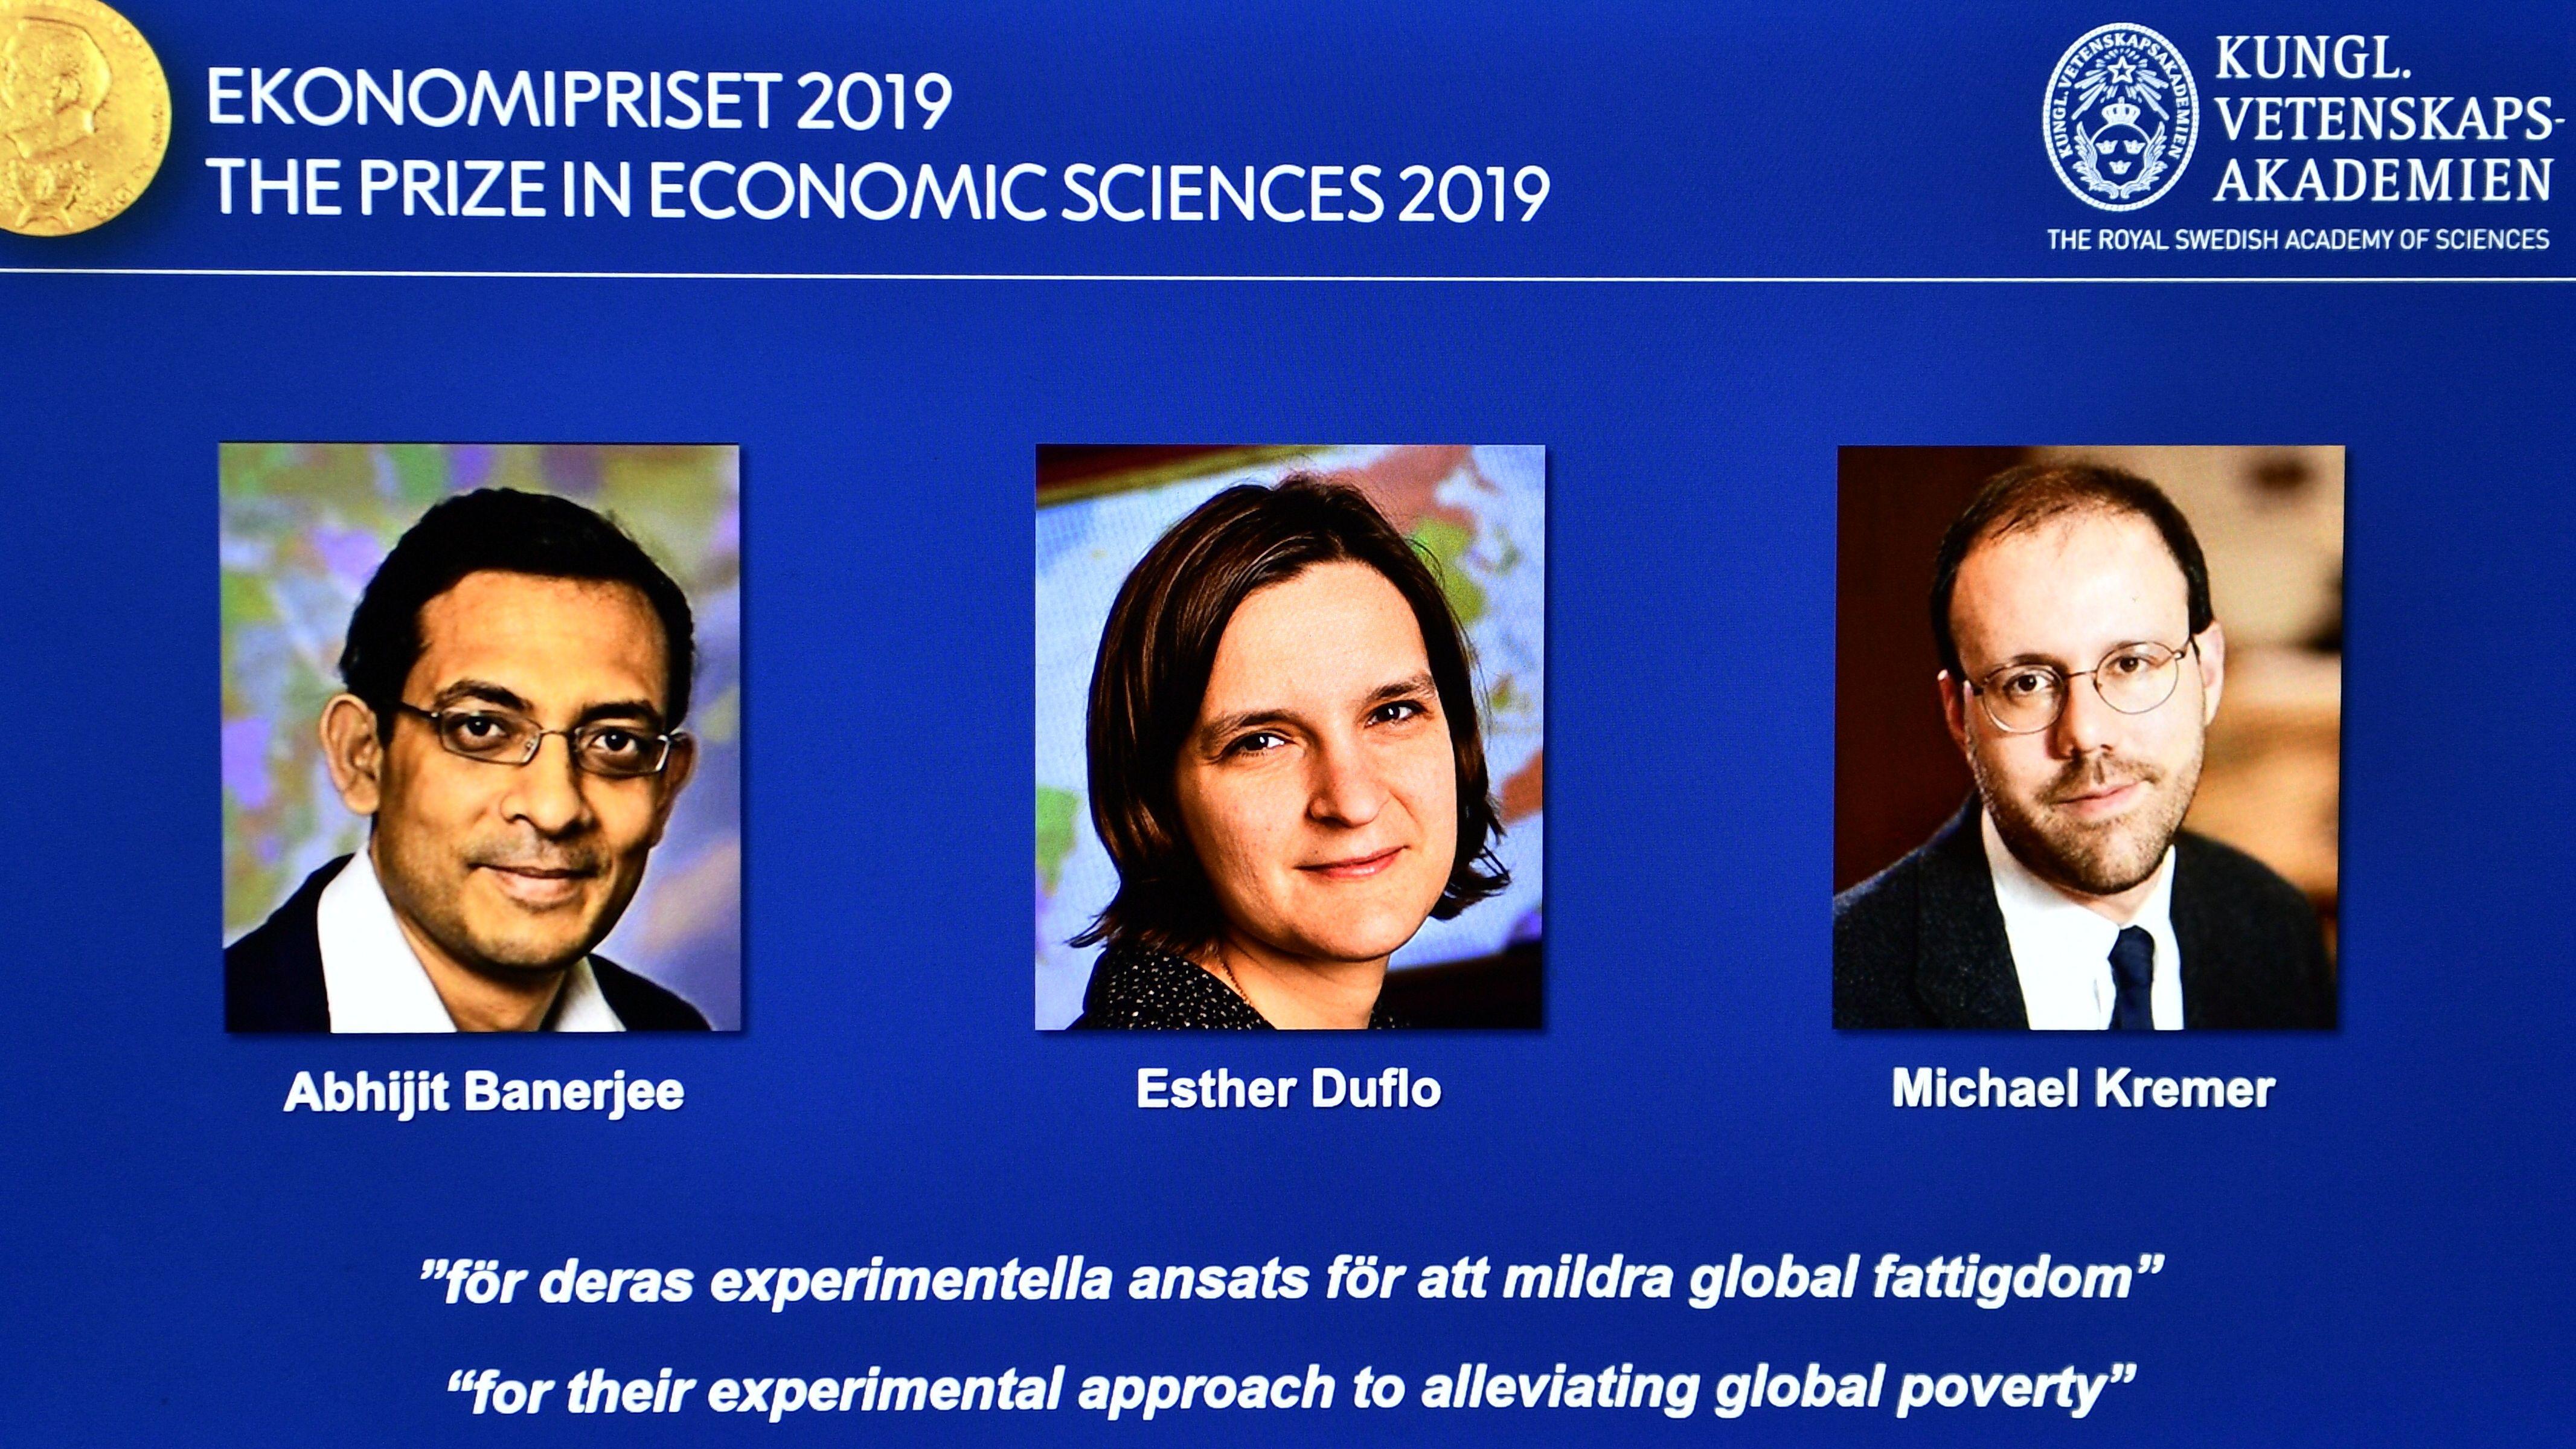 Präsentation der diesjährigen Preisträger des Wirtschaftsnobelpreises in Stockholm.